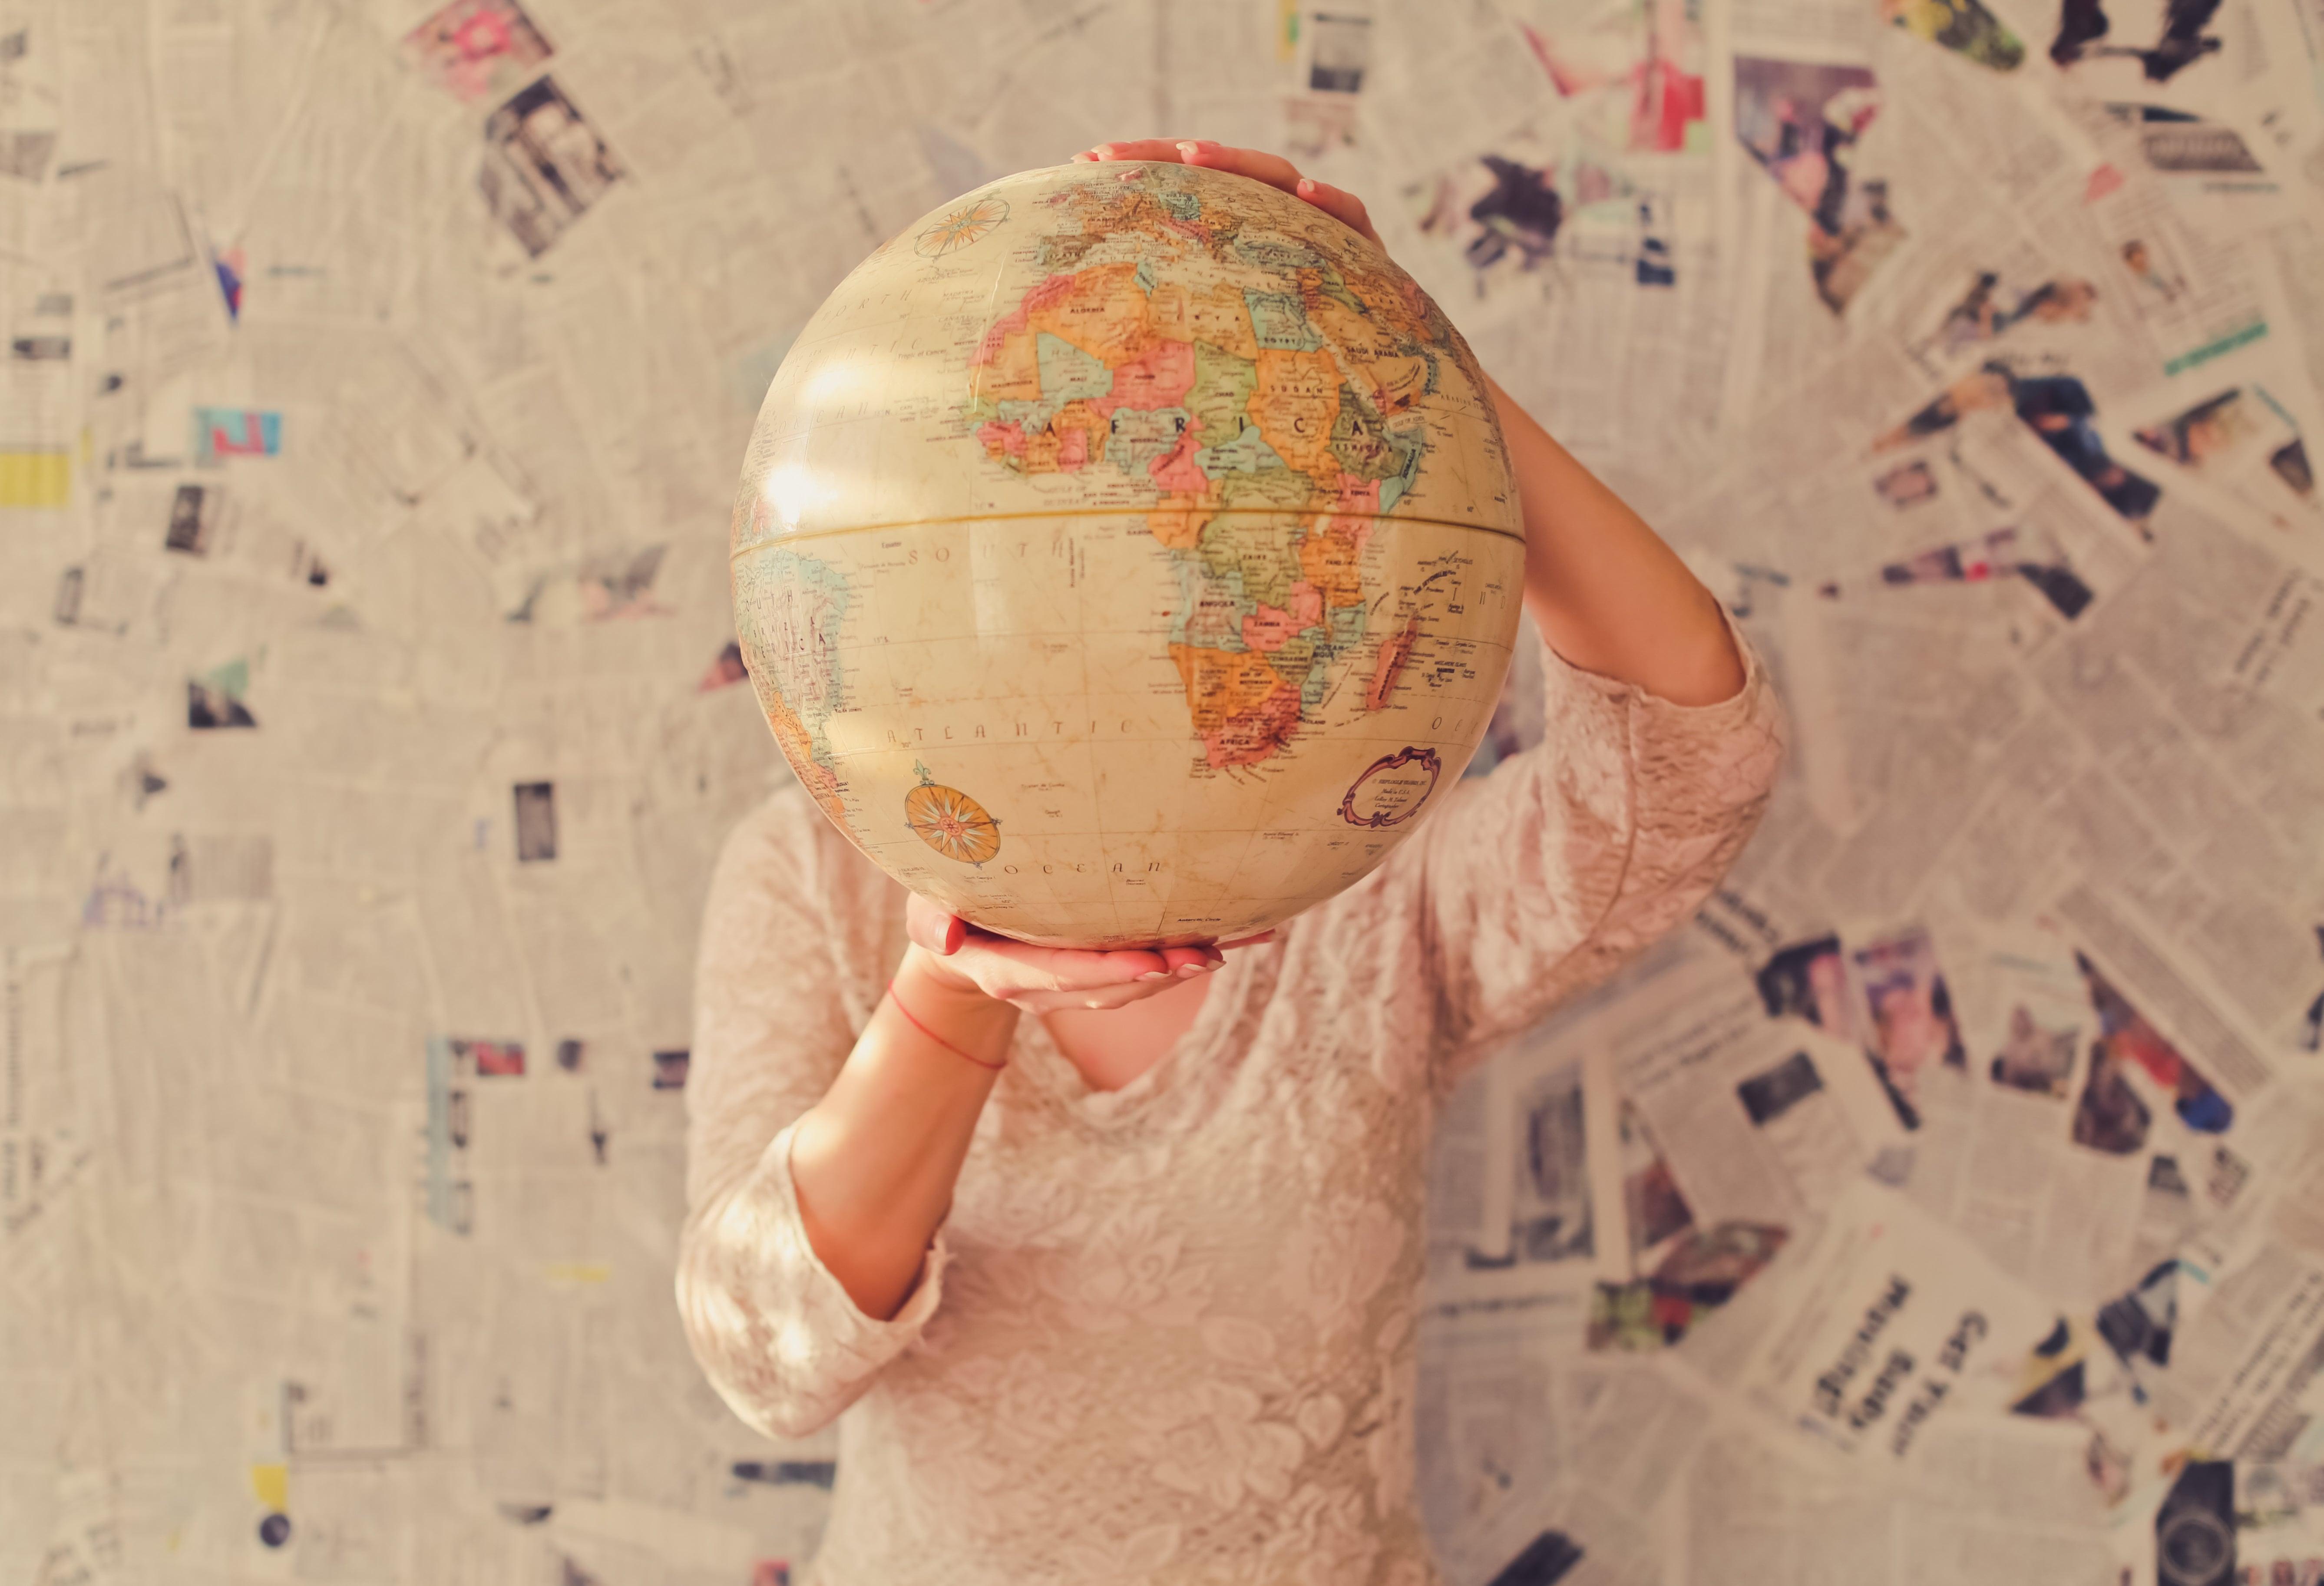 Wejście na rynek zagraniczny - domeny czy wersje językowe?